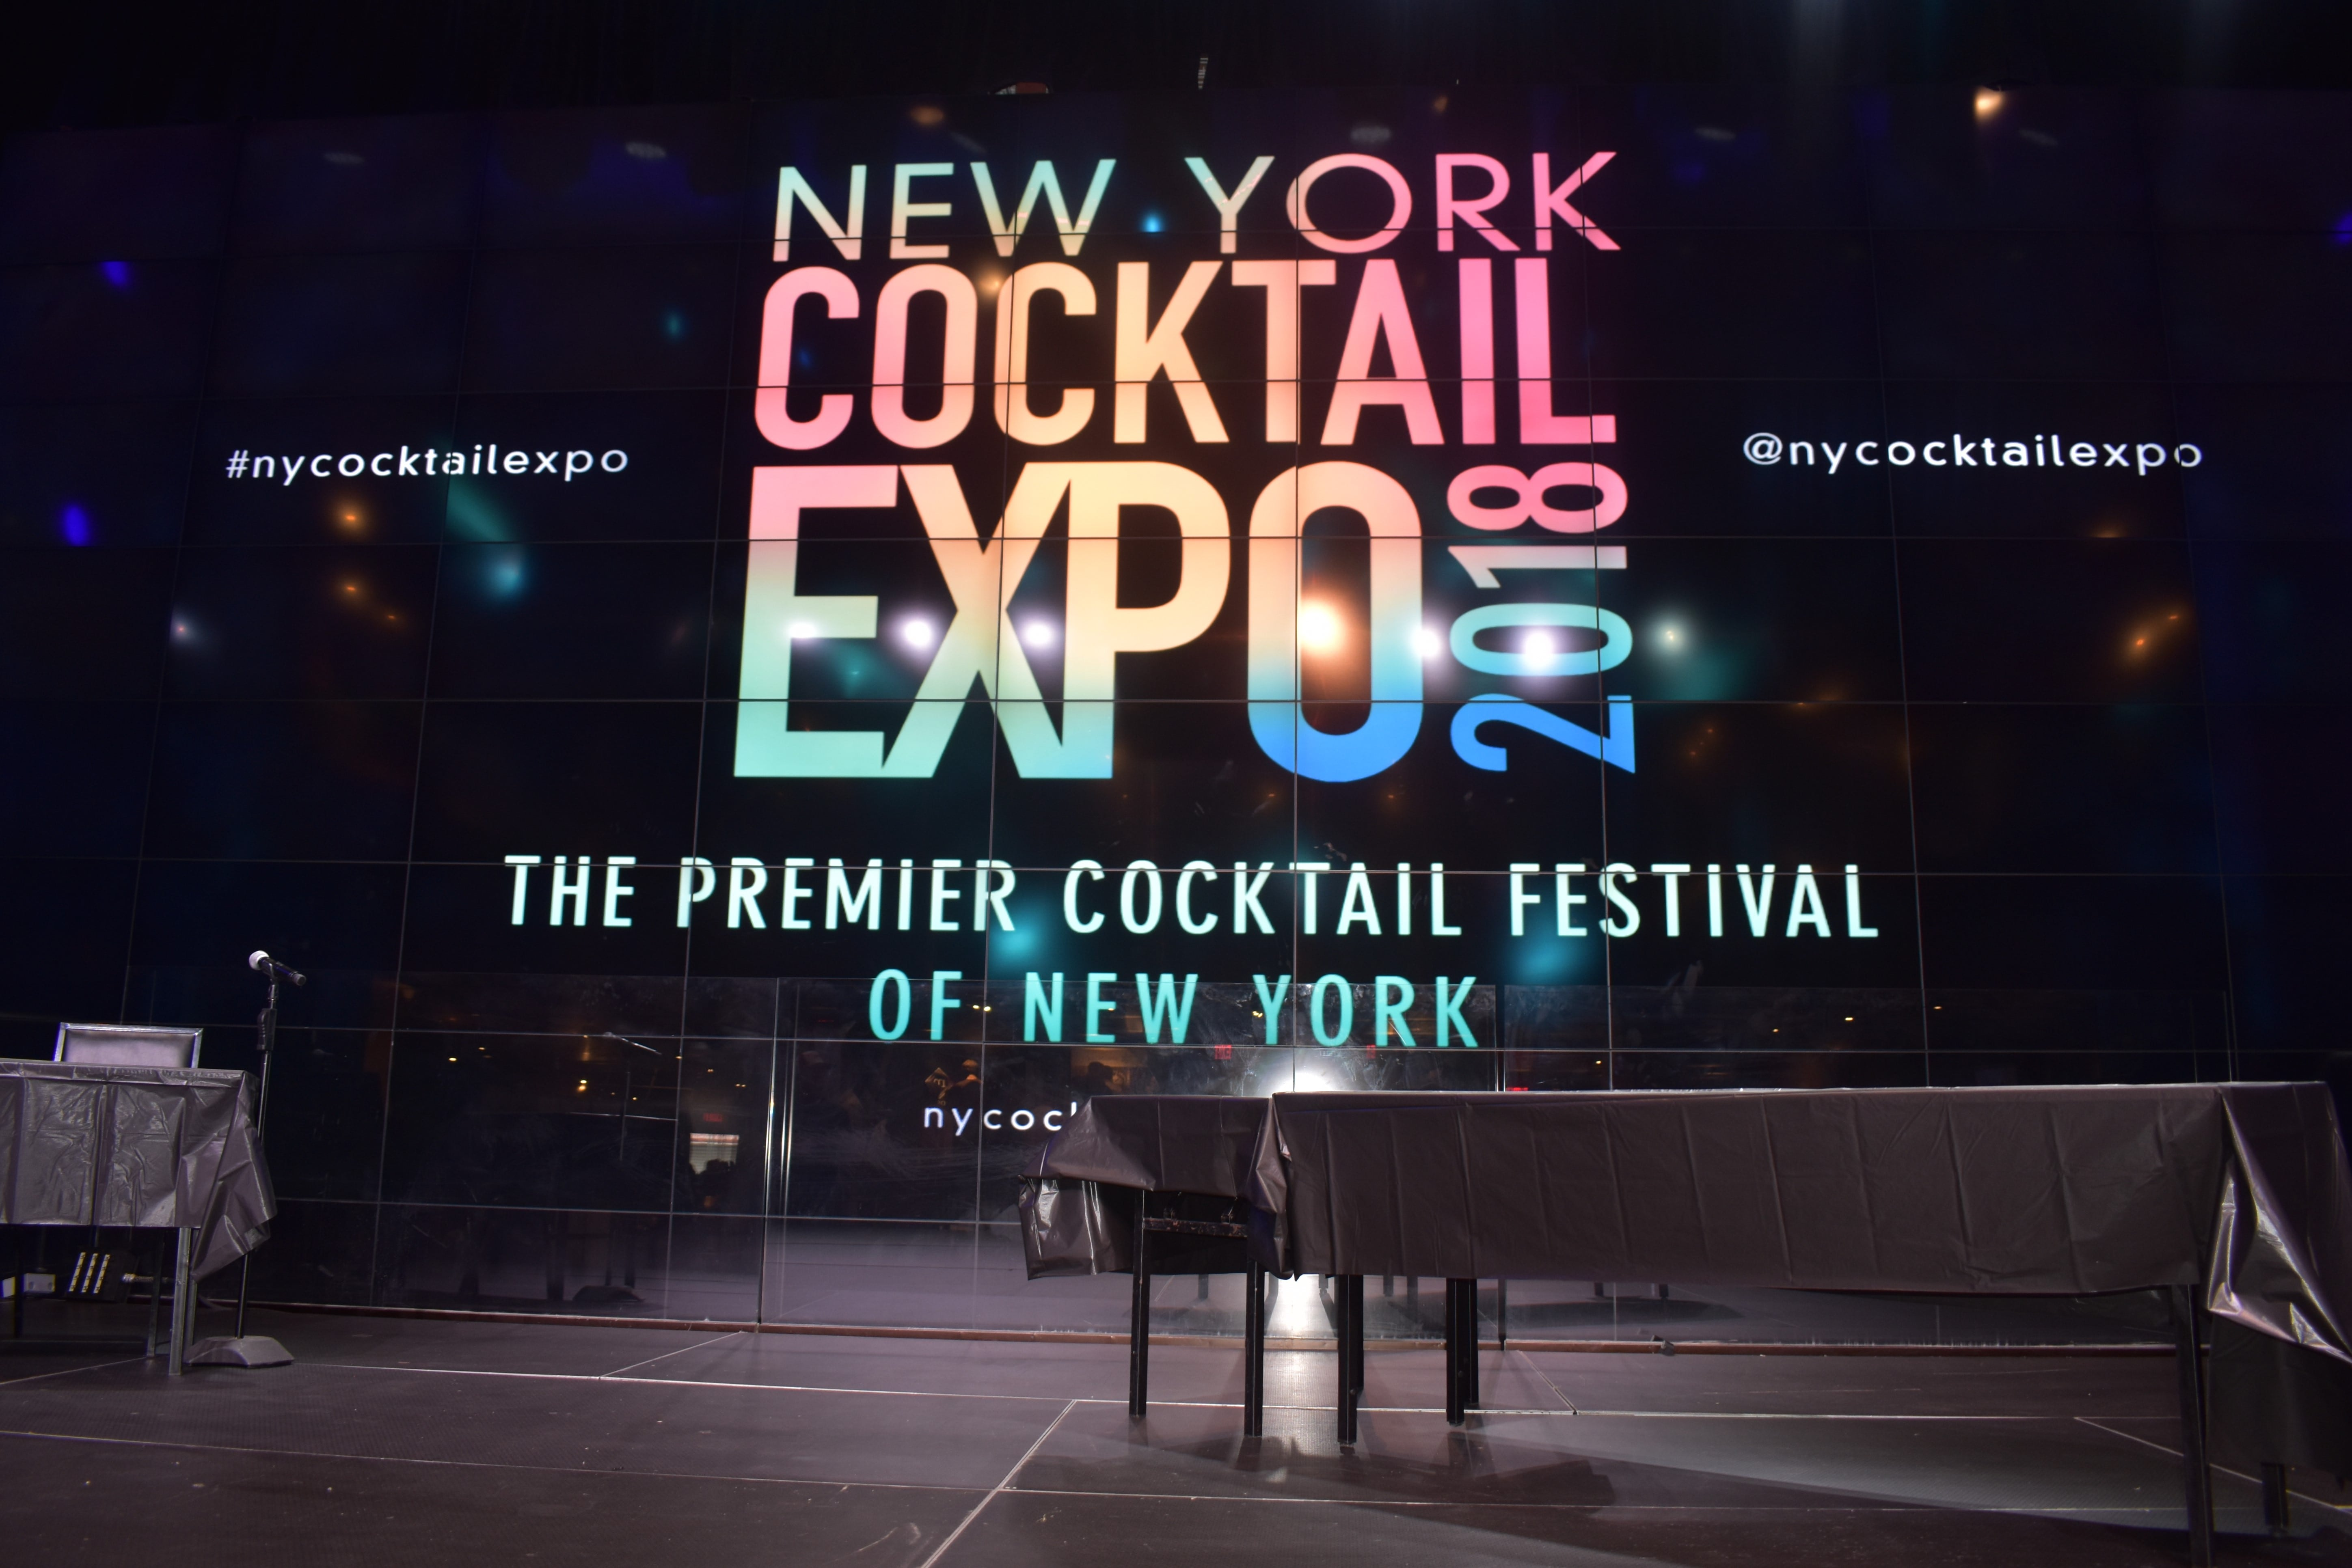 NY Cocktail Expo 2018